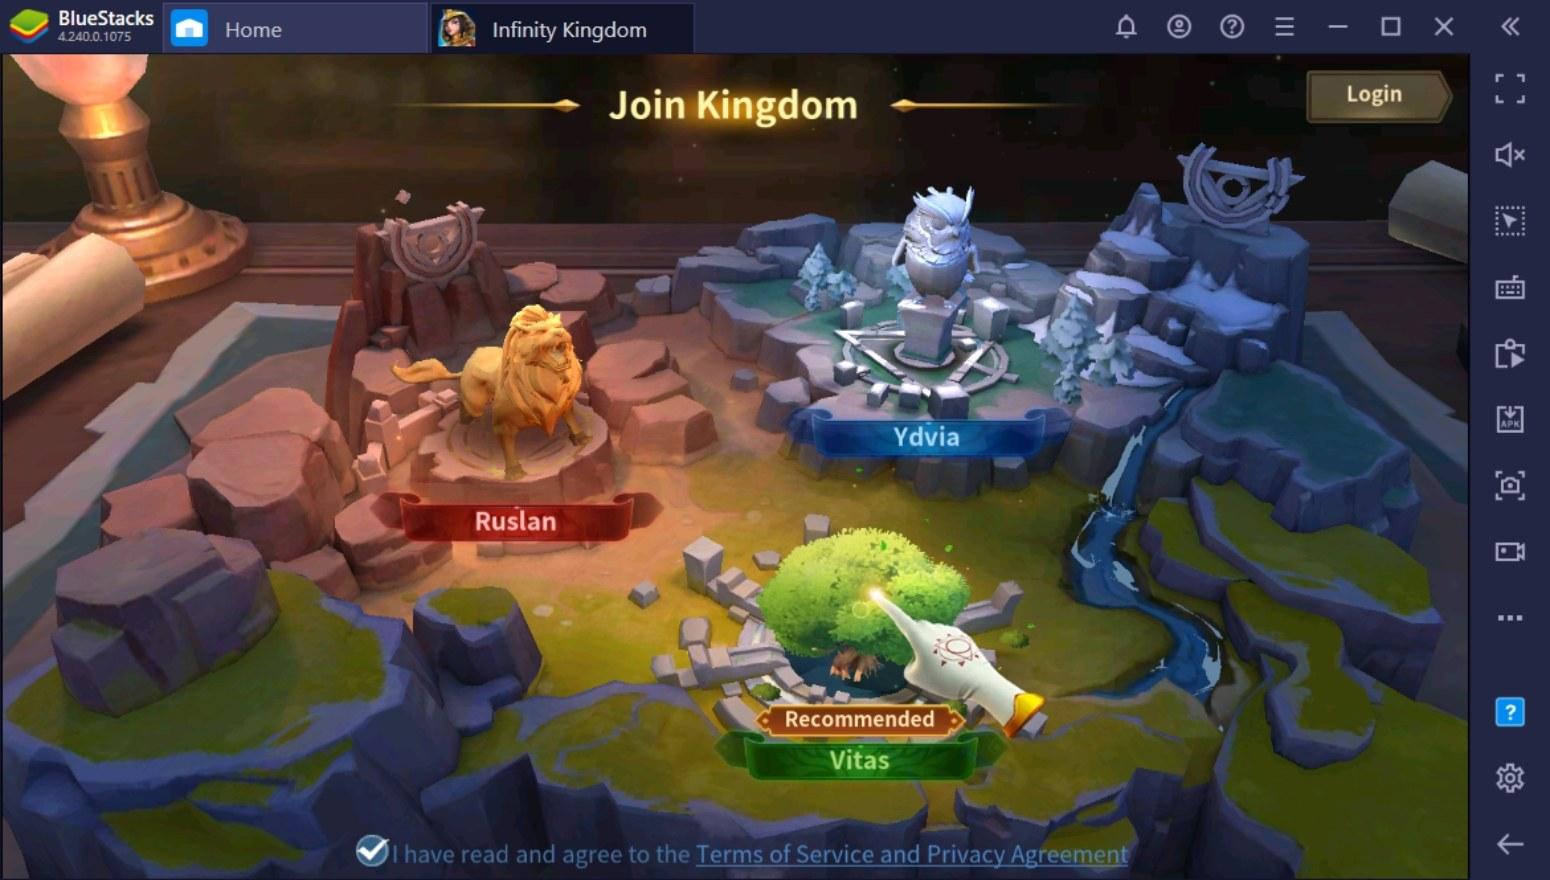 كيف تلعب لعبة Infinity Kingdom على جهاز الكمبيوتر باستخدام BlueStacks